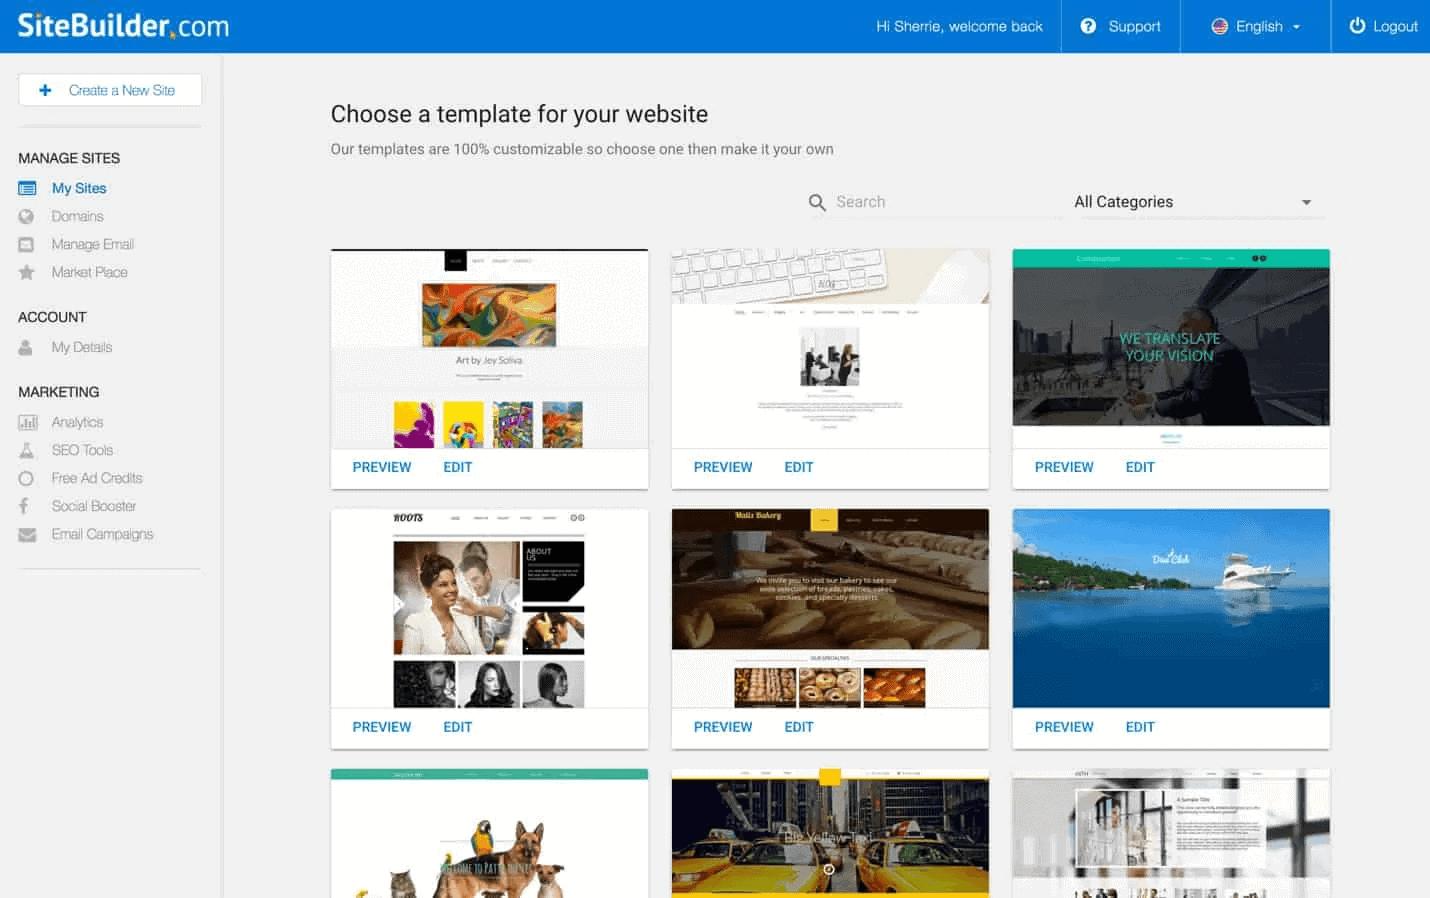 sitebulider.com